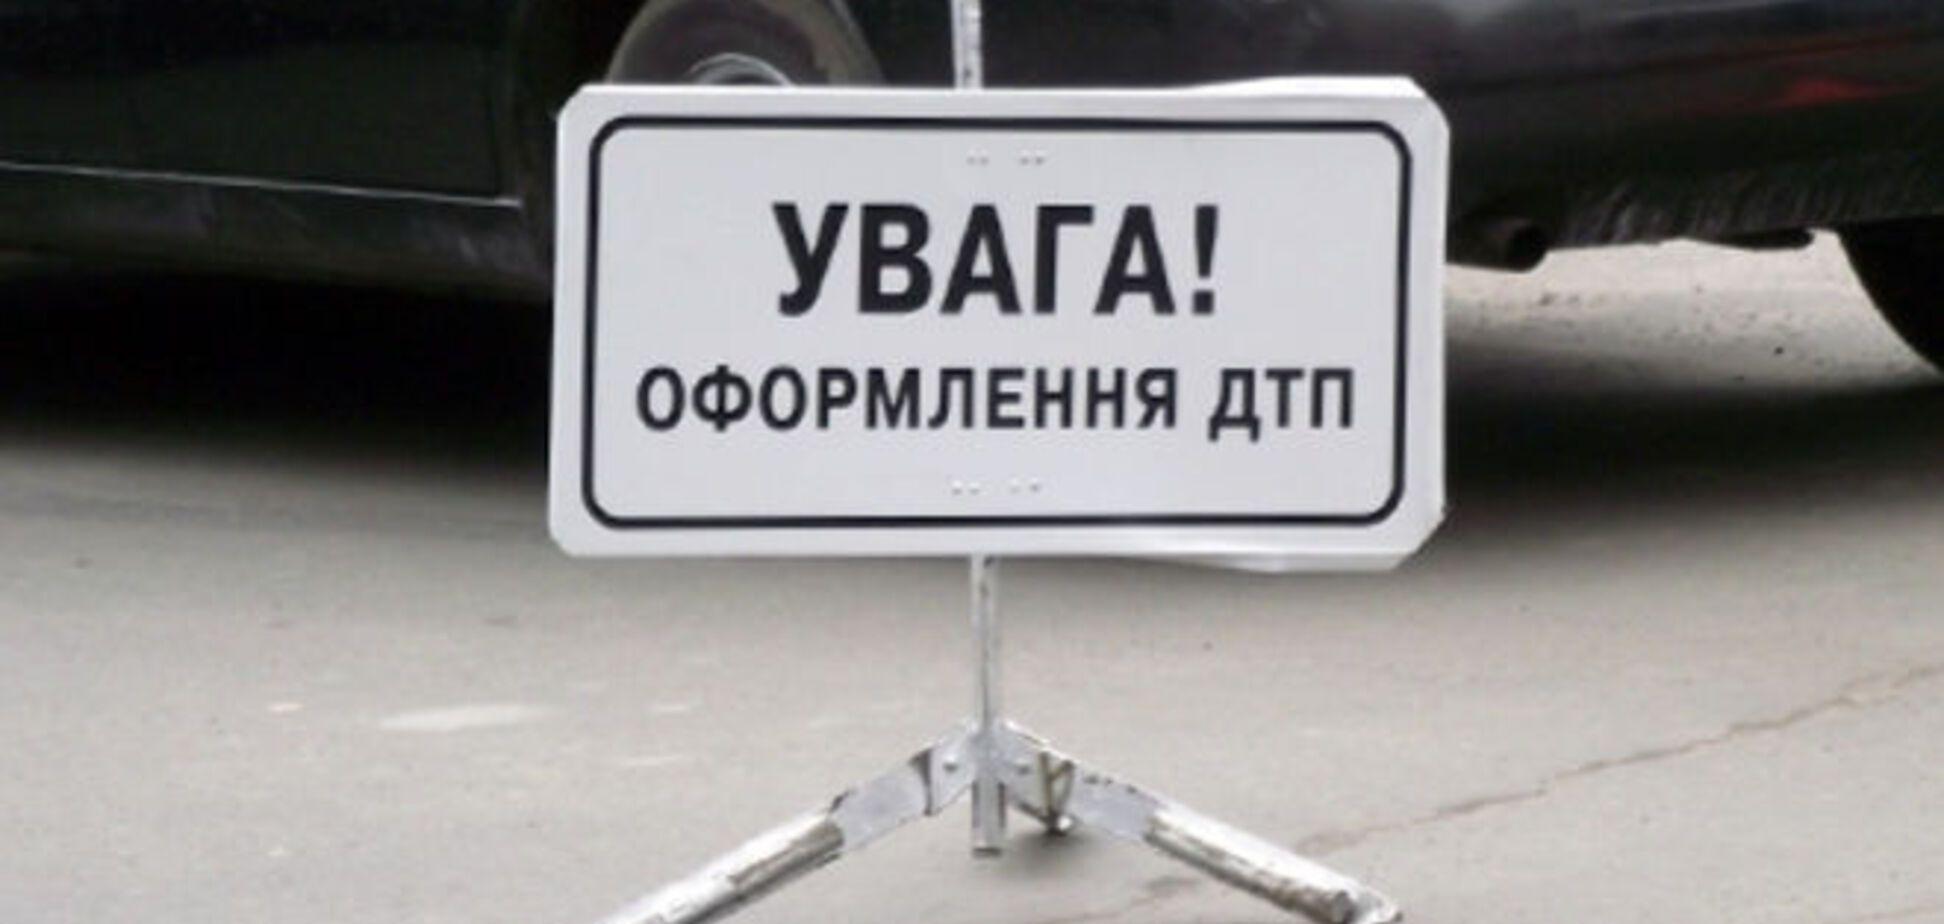 В Киеве 7-летний ребенок попал под колеса автомобиля